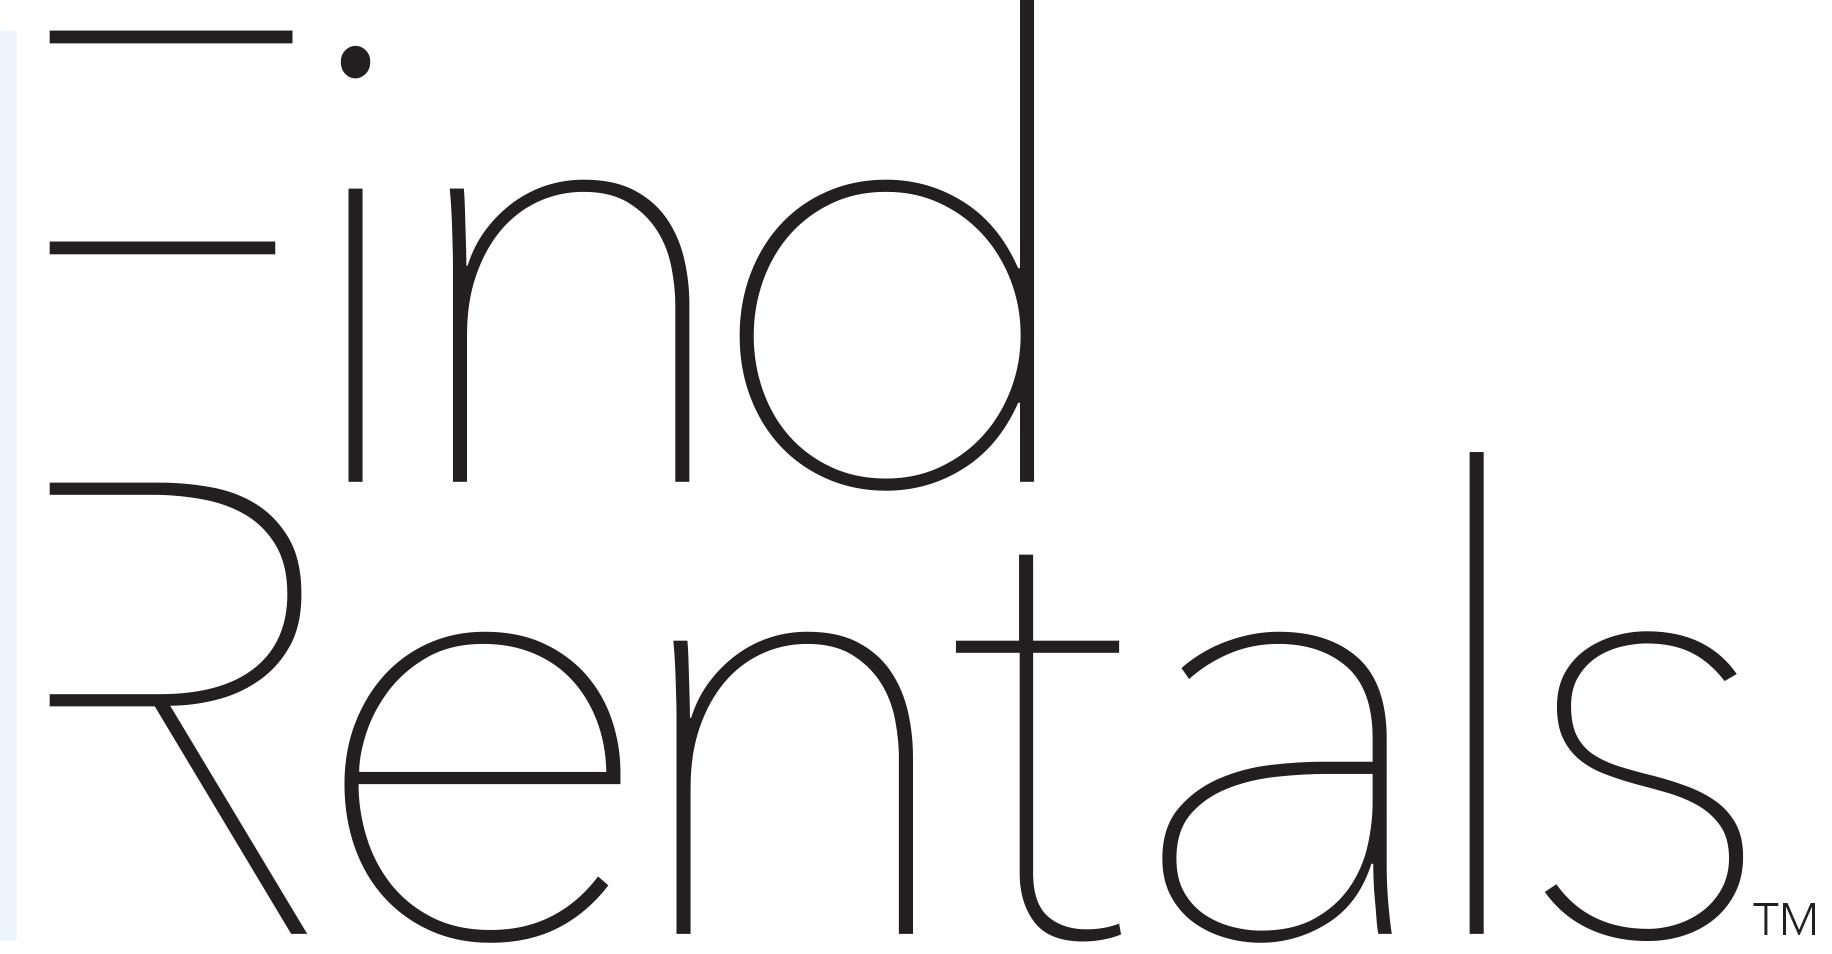 FindRentalsLogo